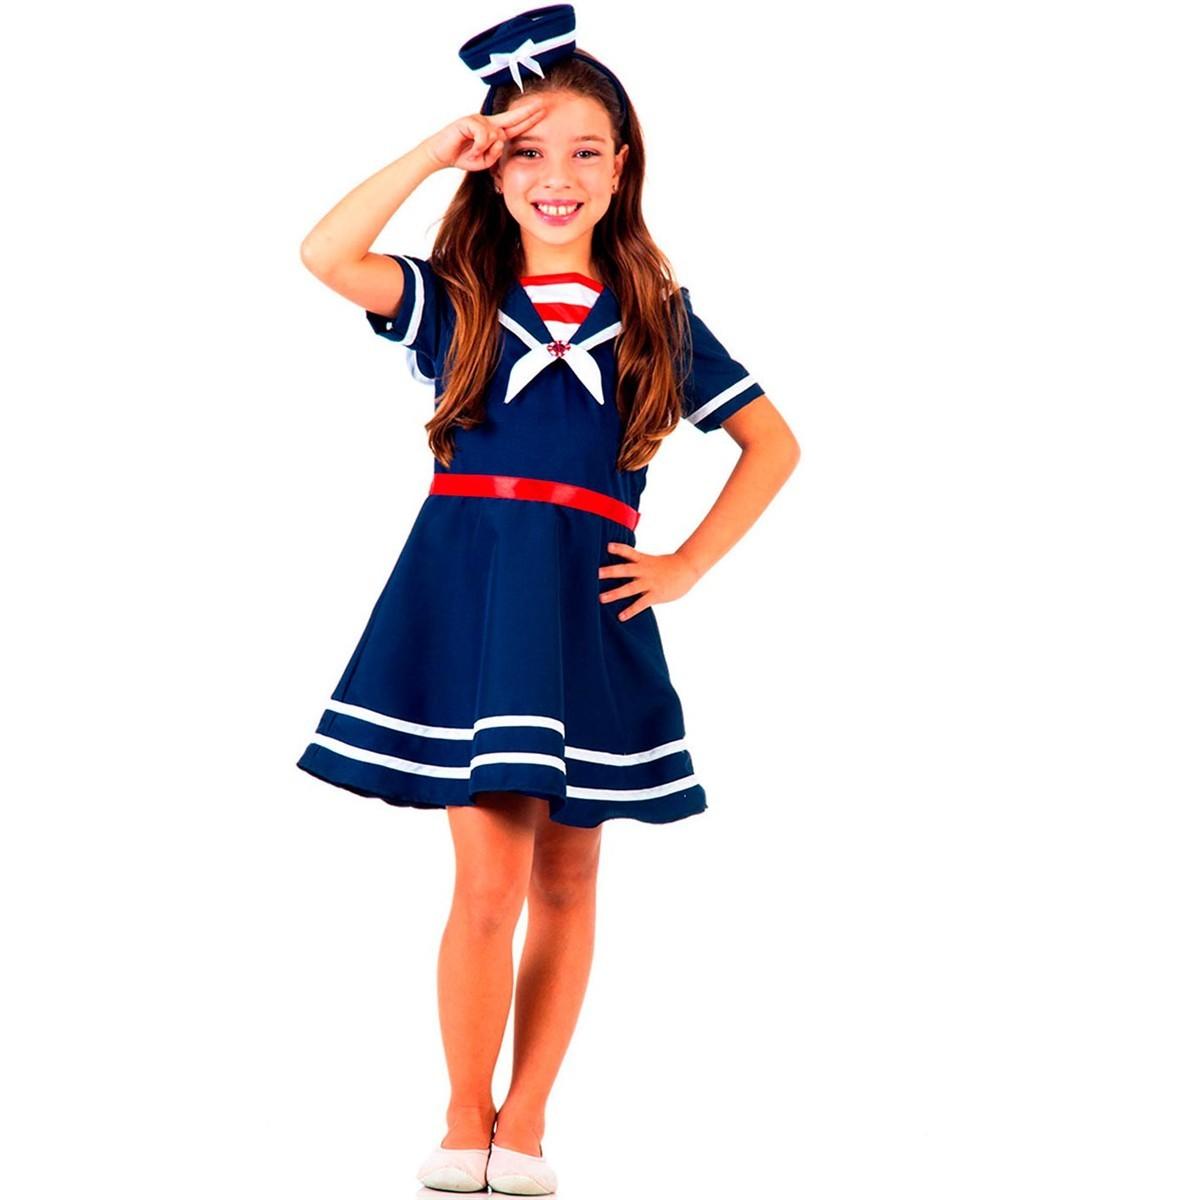 Fantasia Infantil Marinheira Tamanho G